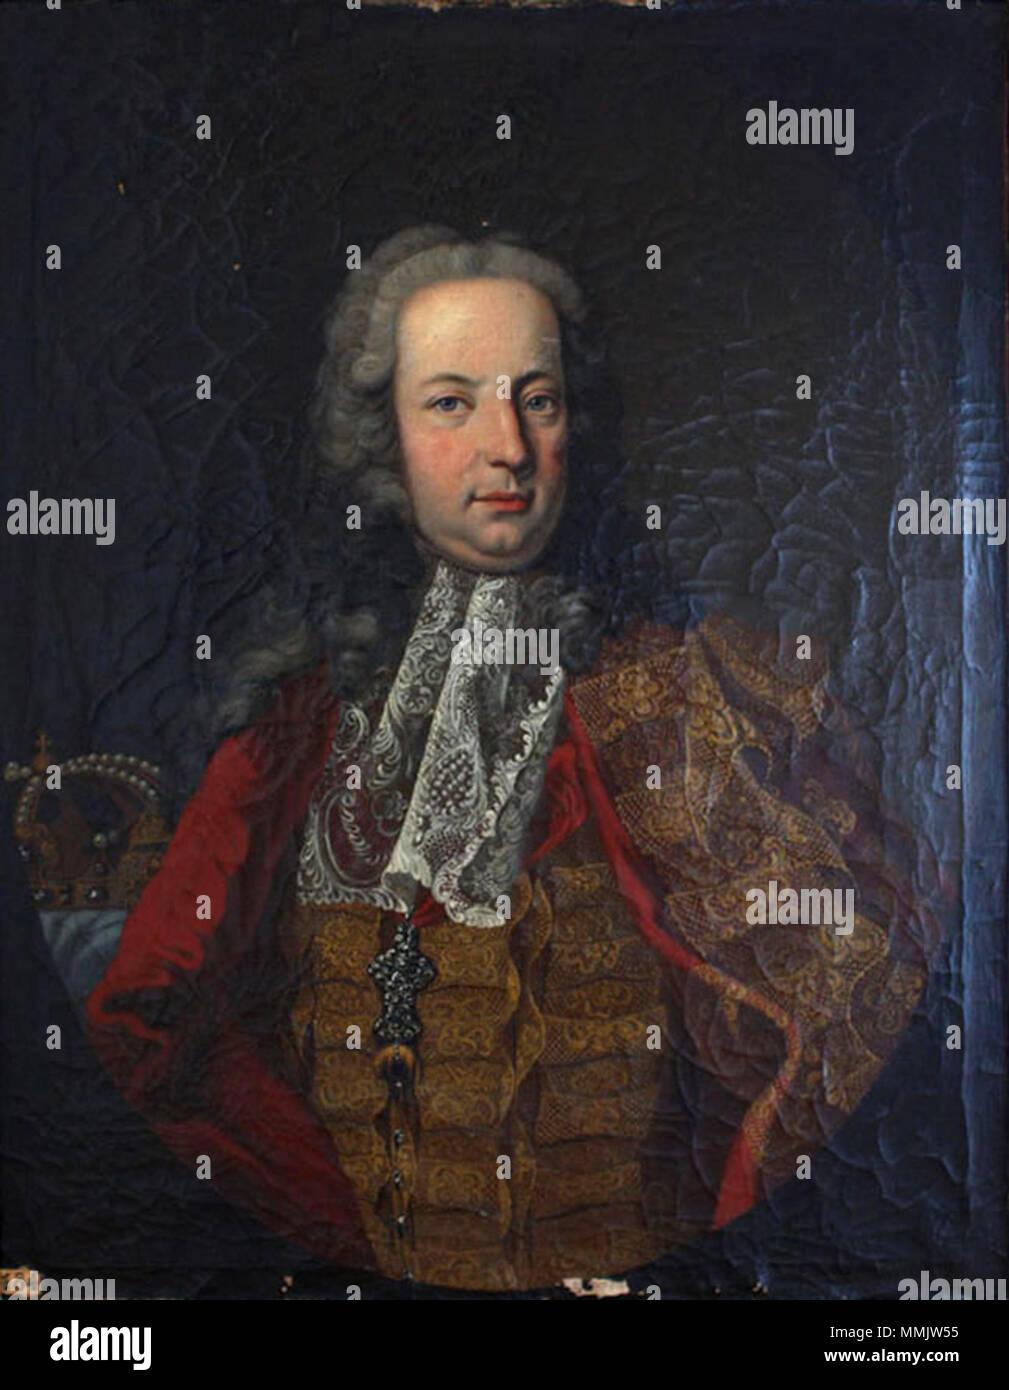 Francisco I Emperador Del Sacro Imperio Romano Germánico 1708 1765 Circa 1741 1750 Emperador Del Sacro Imperio Romano Germánico Francisco I Fotografía De Stock Alamy